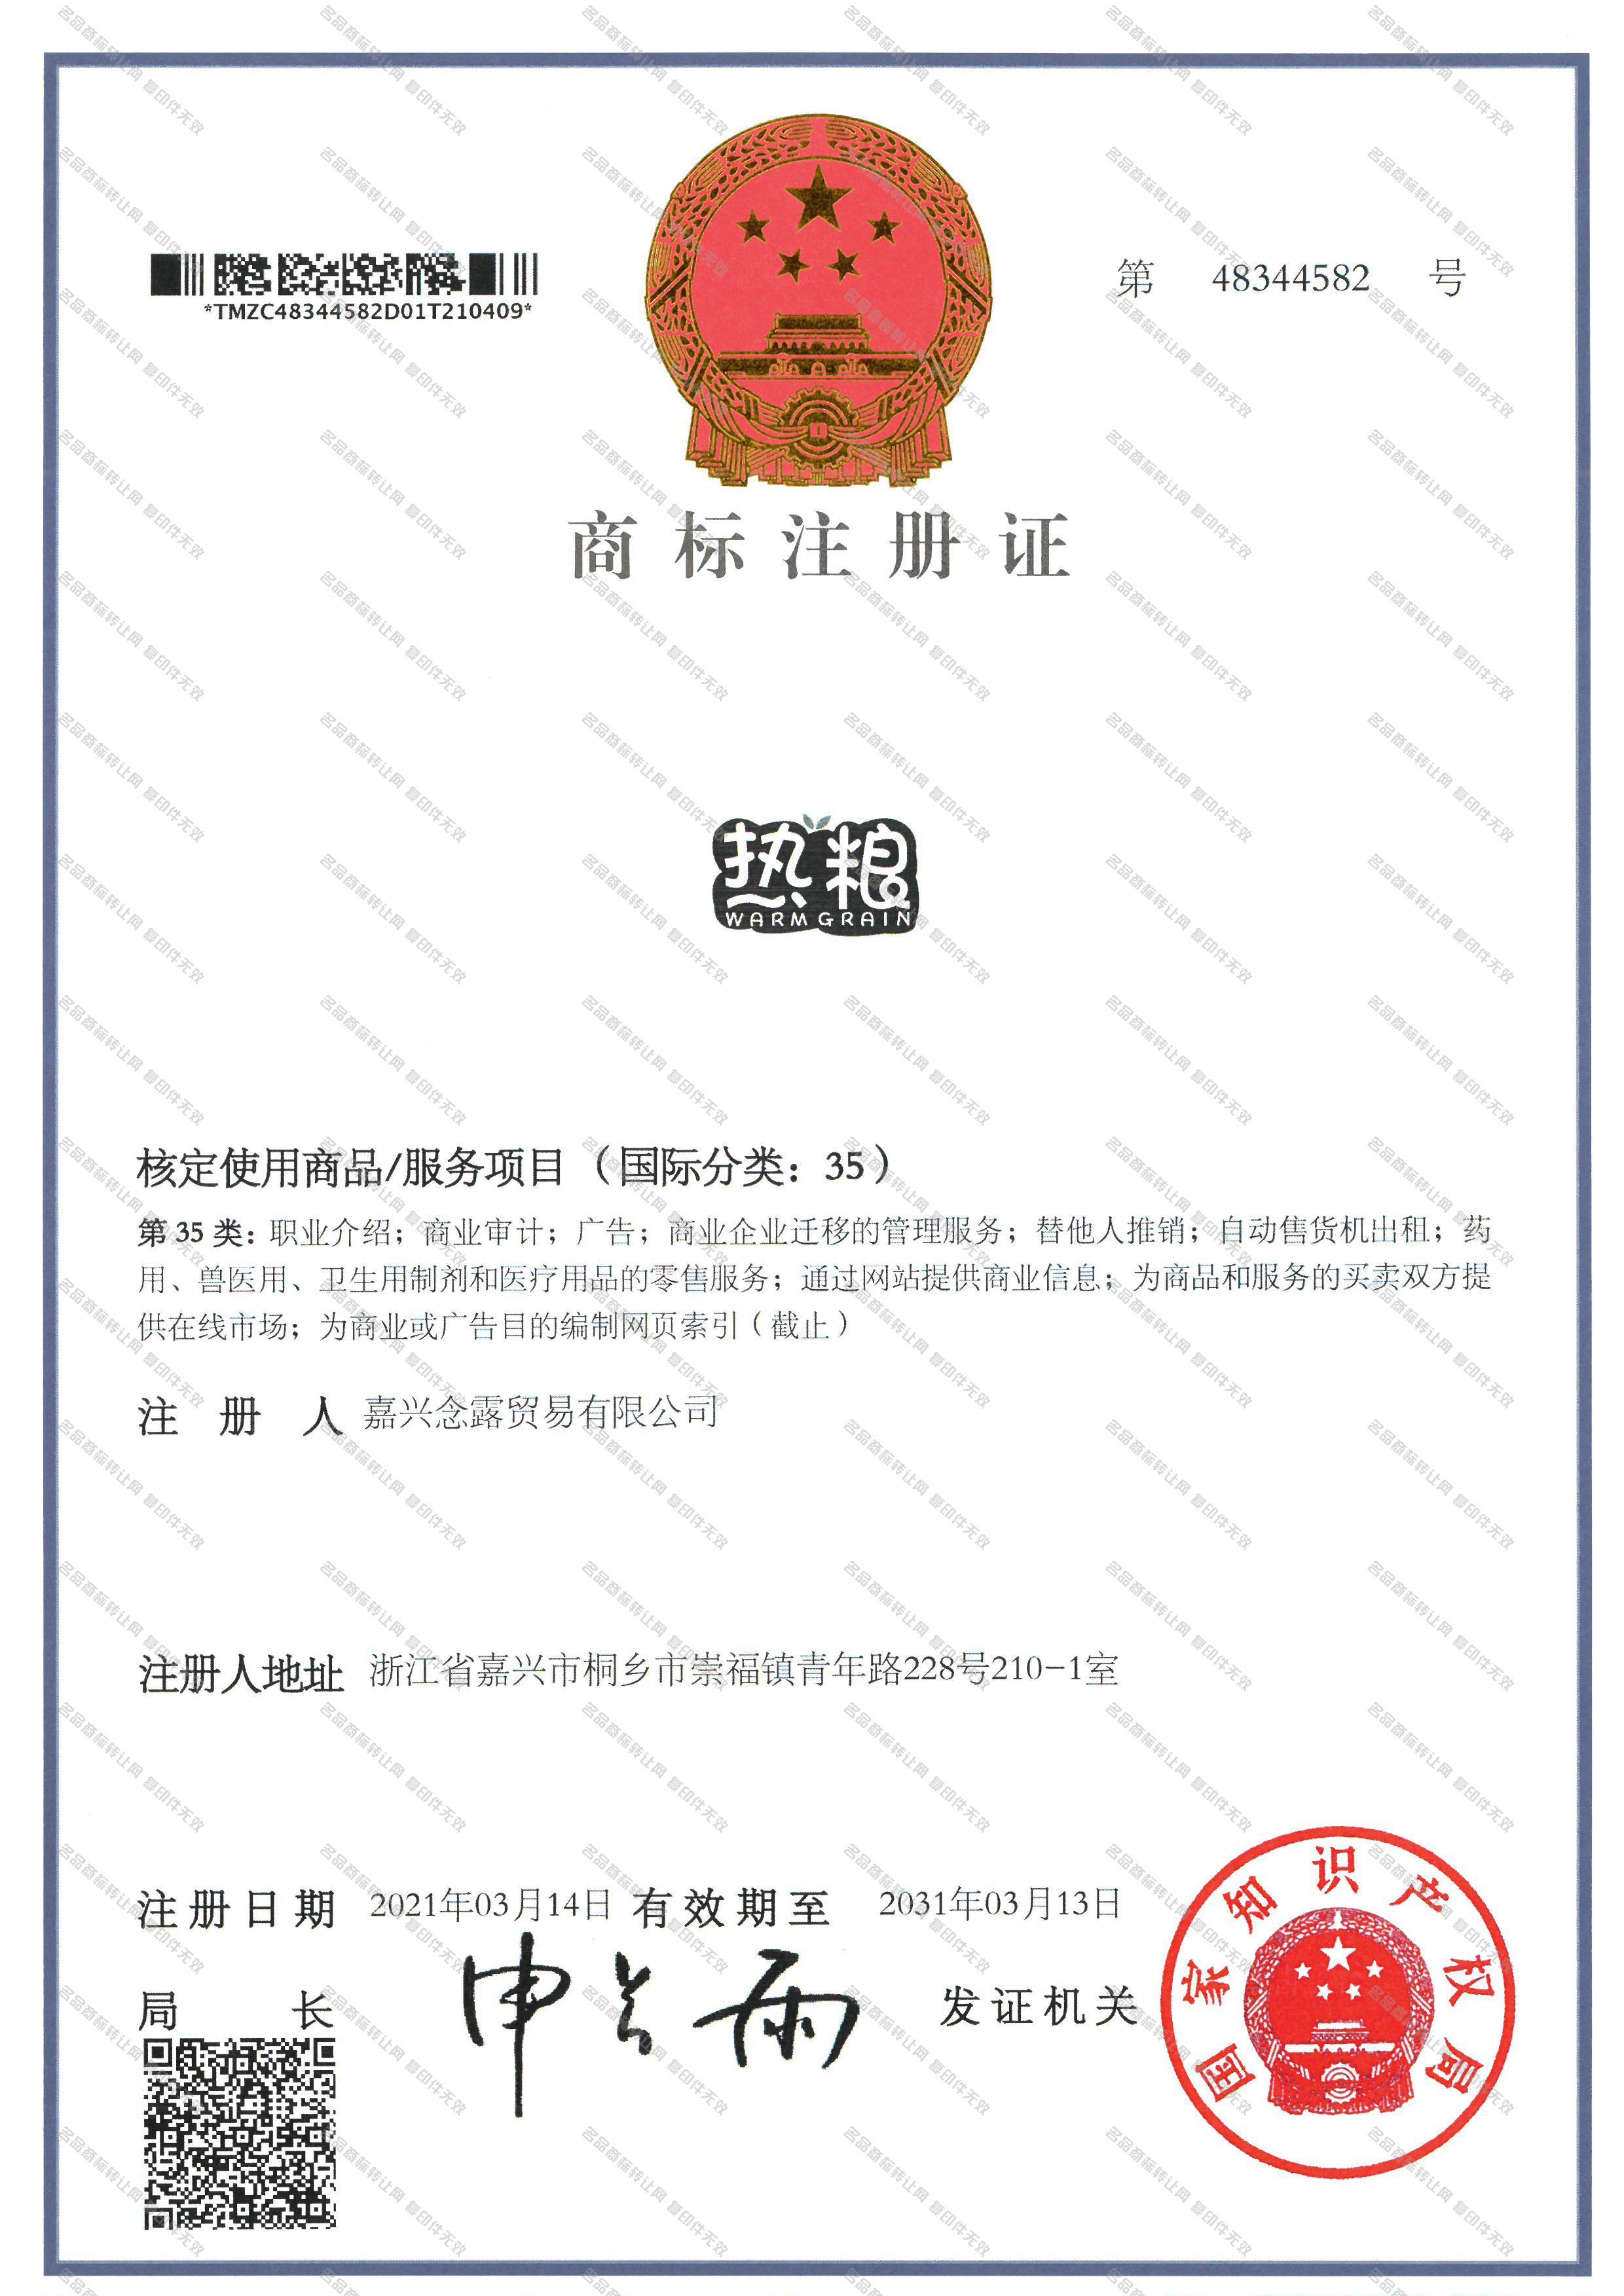 热粮 WARM GRAIN注册证